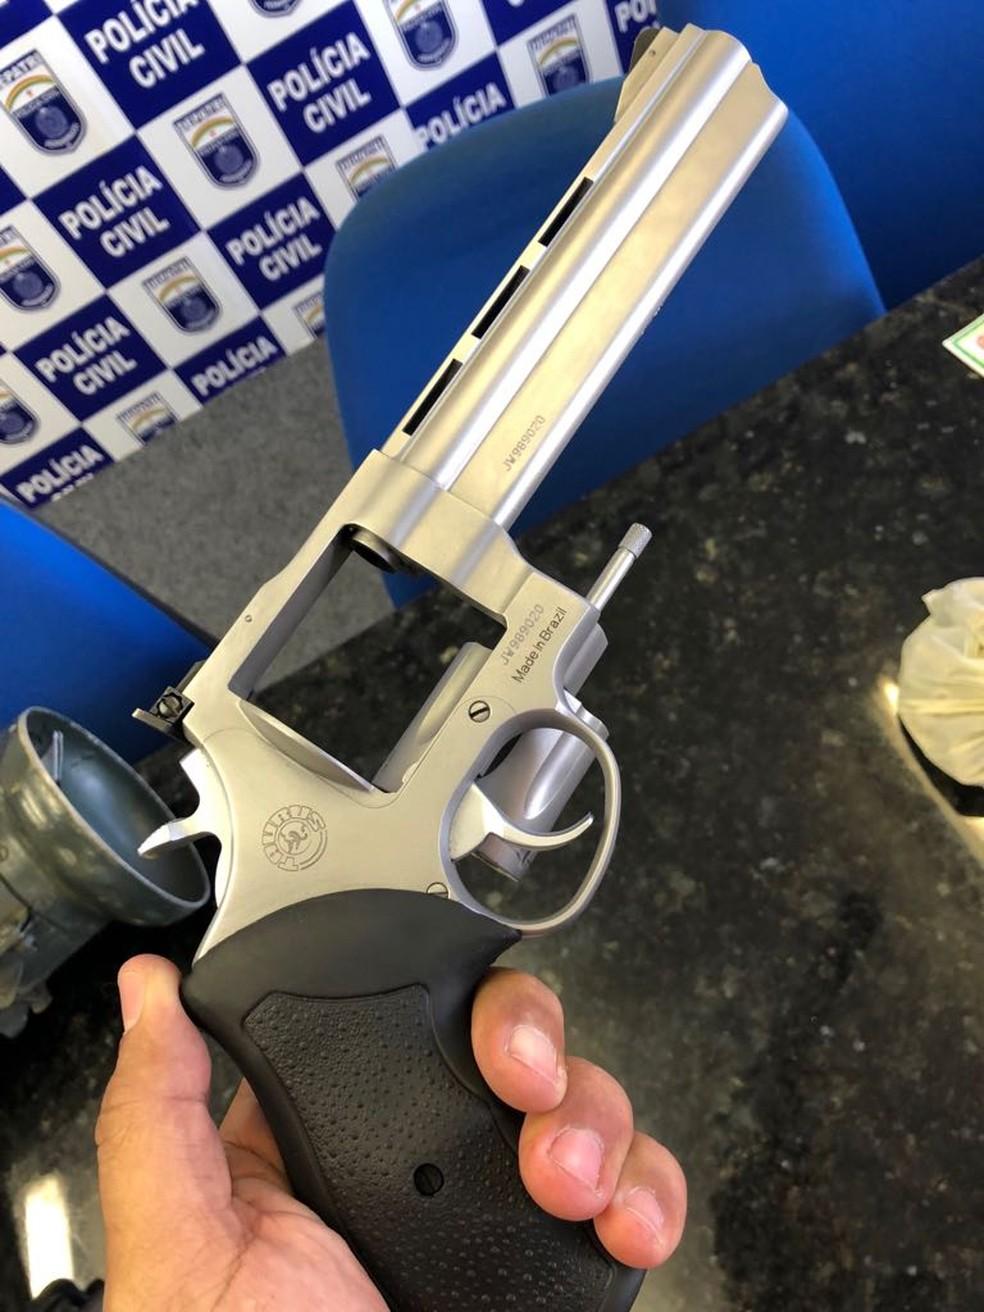 Revólver foi uma das armas apreendidas em Jaboatão dos Guararapes, no Grande Recife (Foto: Polícia Civil/Divulgação)